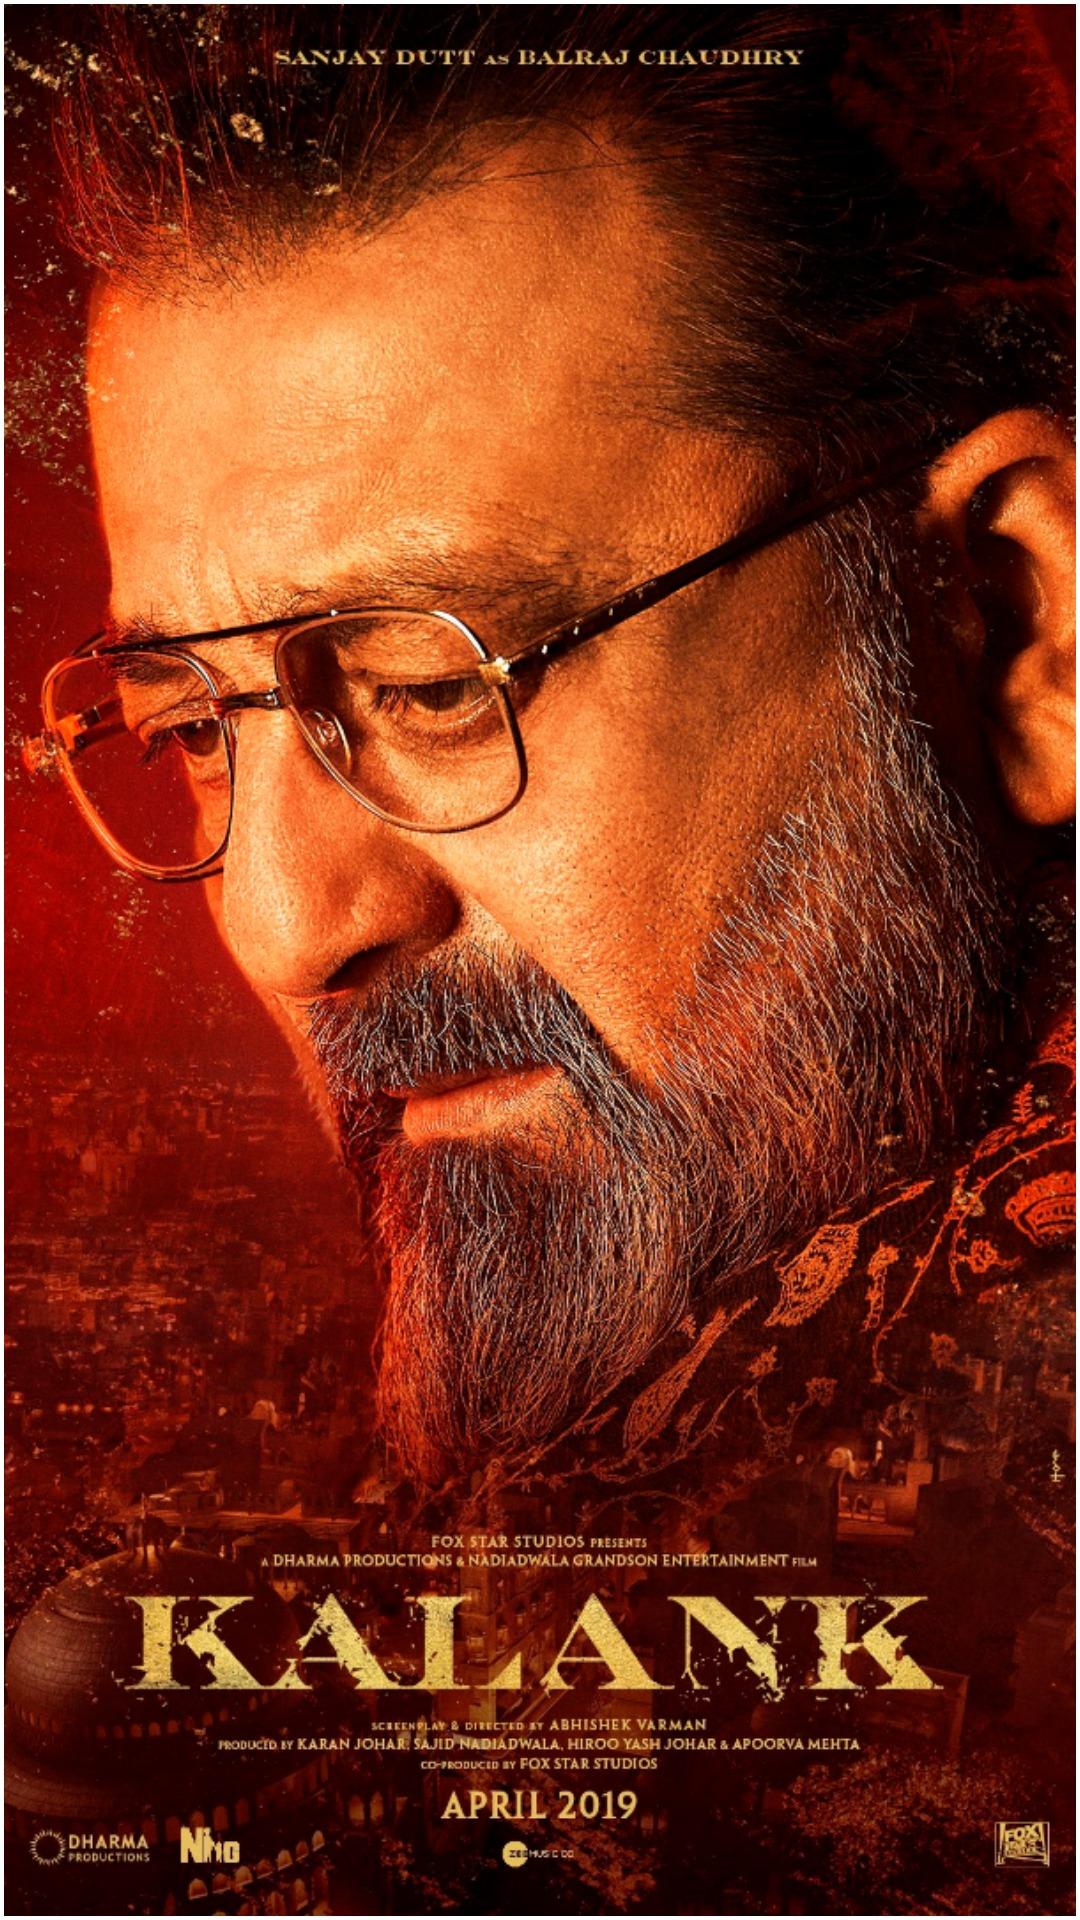 Sanjay Dutt in 'Kalank'